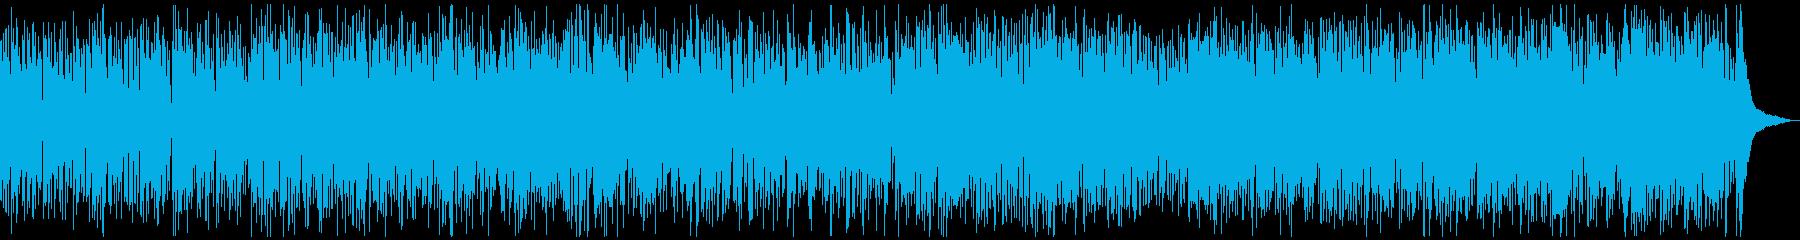 生音・生演奏・軽快で楽しいビバップジャズの再生済みの波形